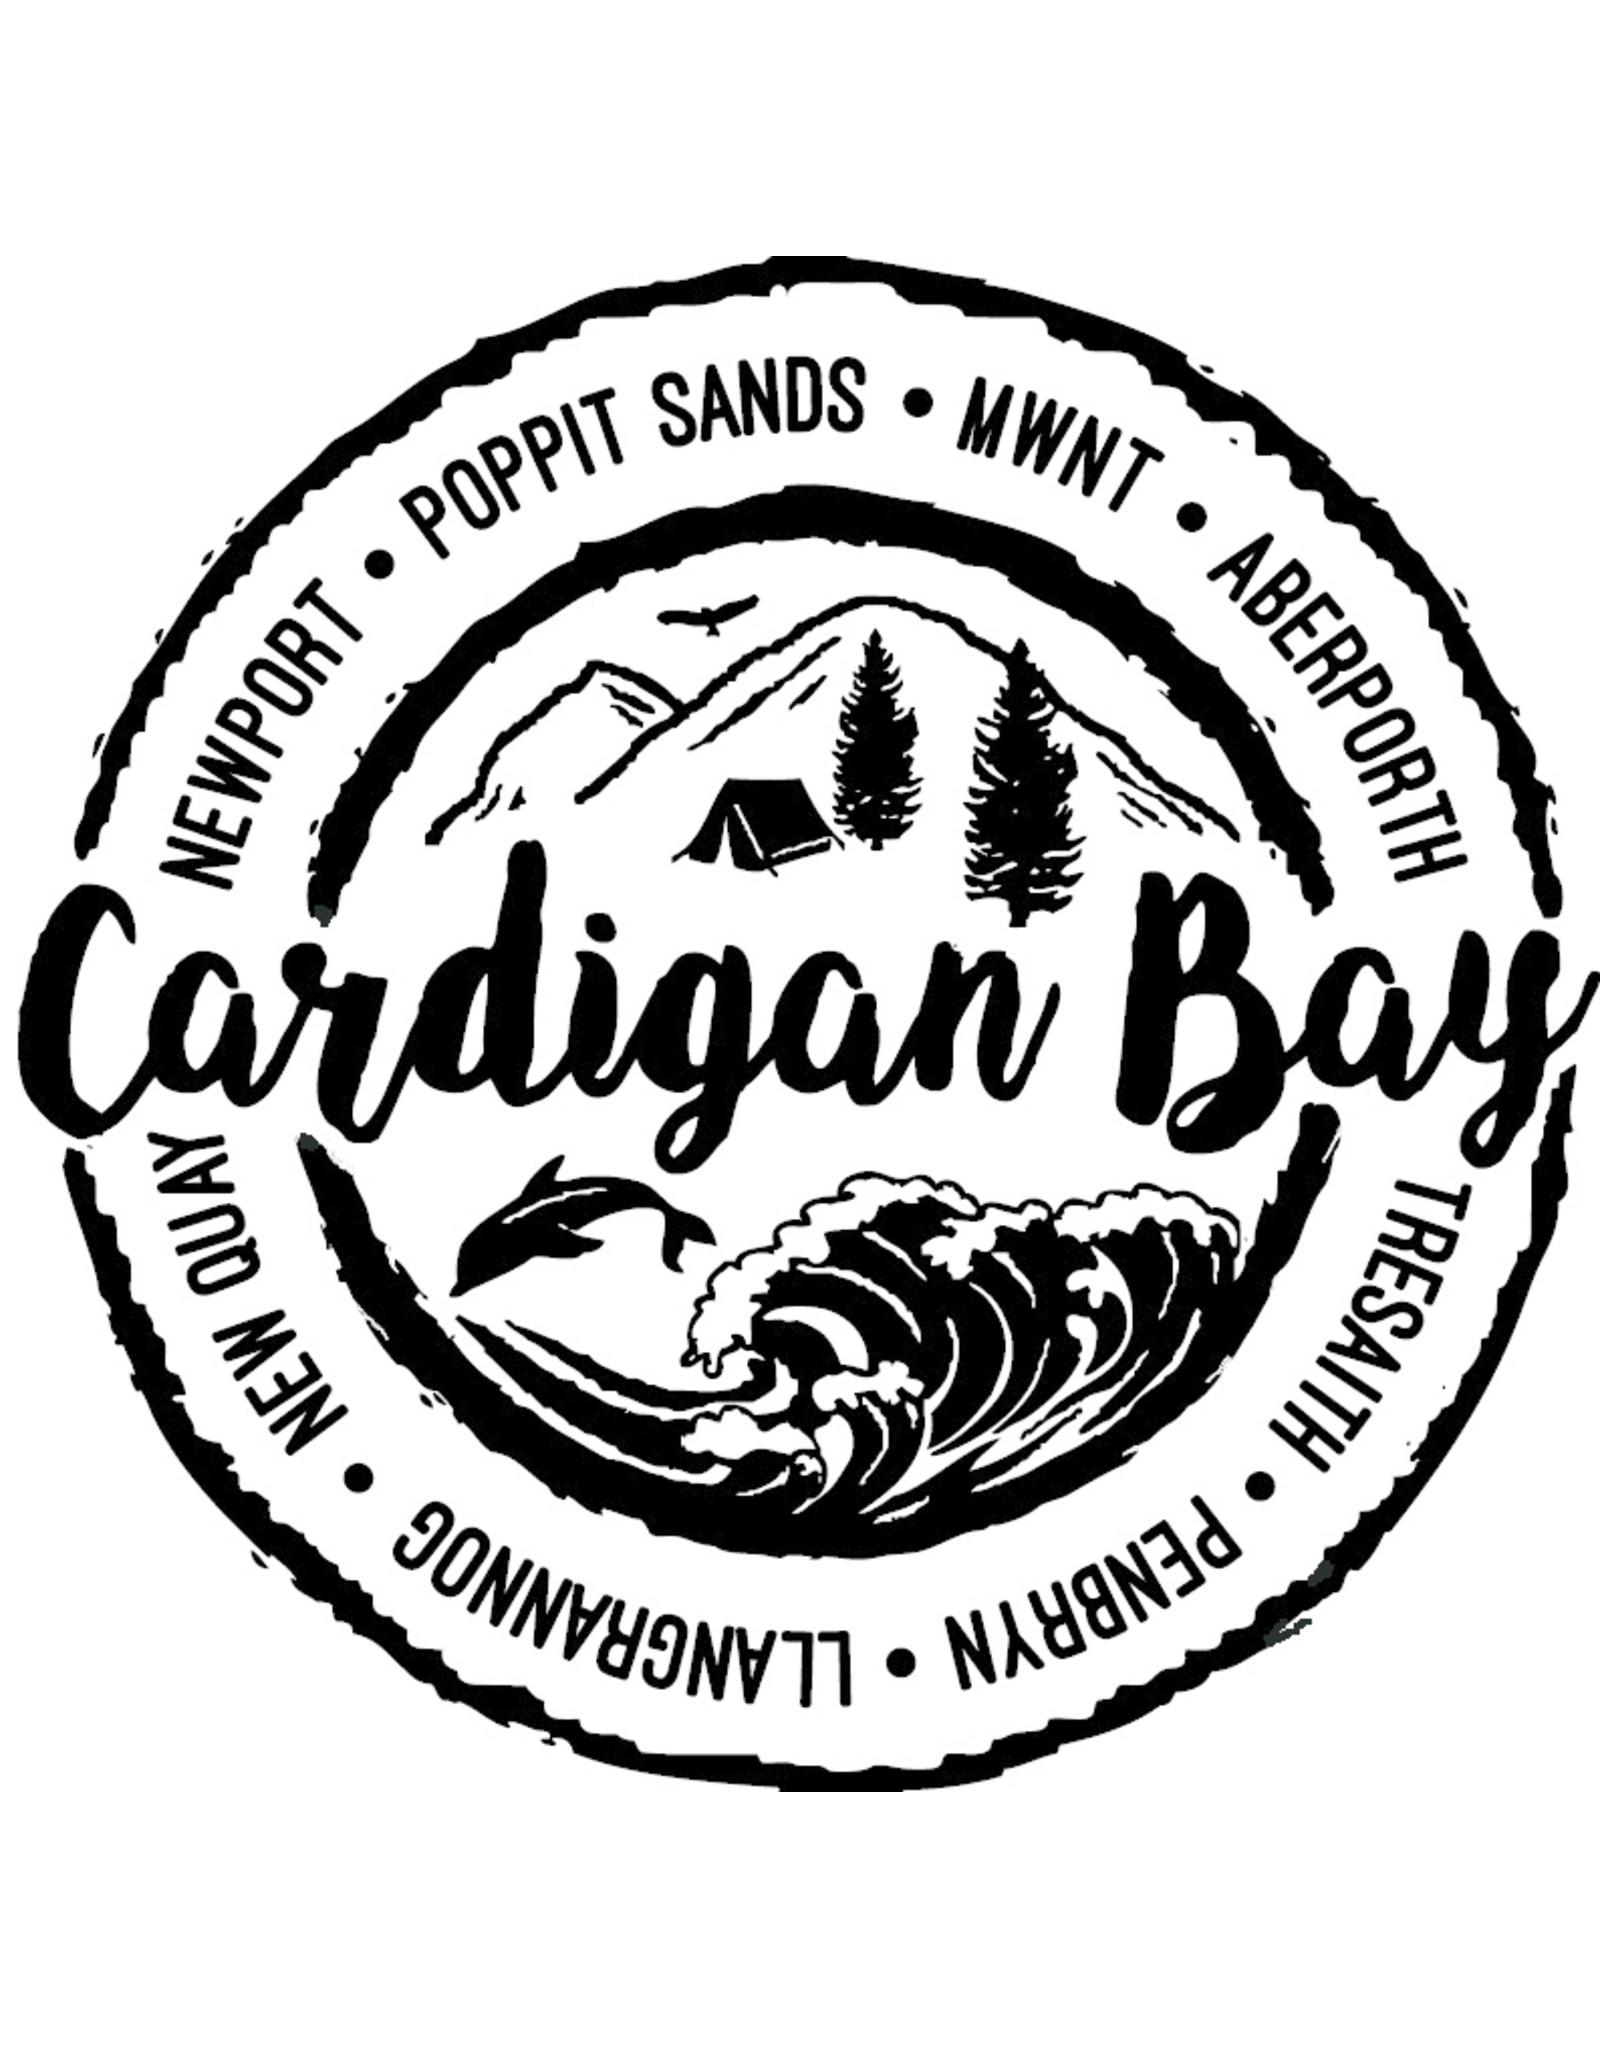 Cottonridge Cottonridge Kids Zip Hoody - Cardigan Bay Tent